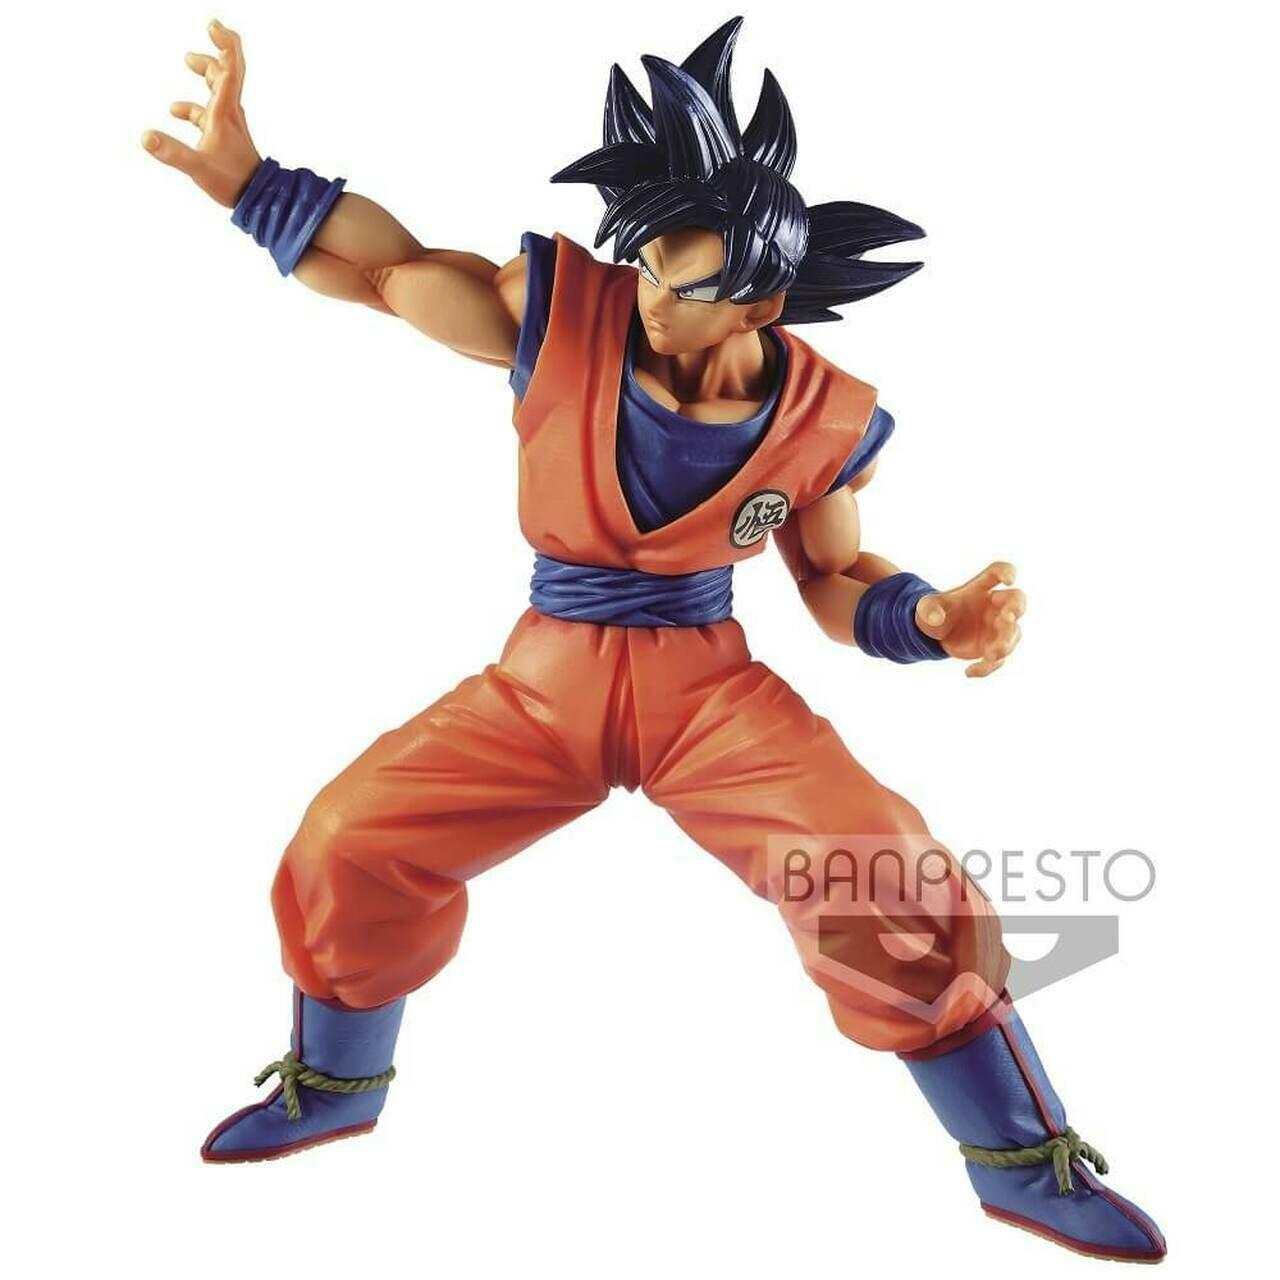 Banpresto Dragon Ball Super Maximatic The Son Goku